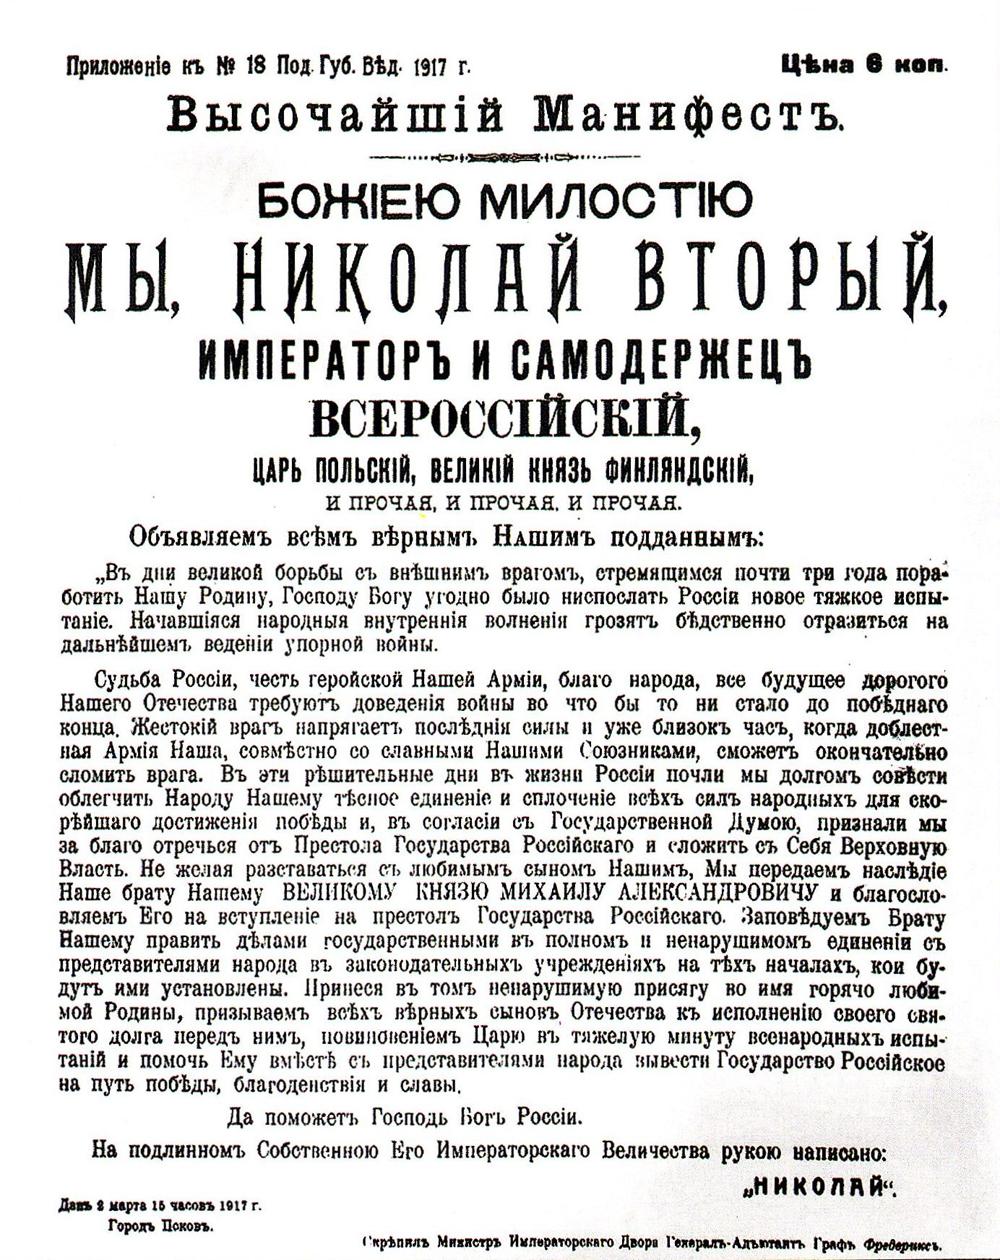 Манифест об отречении Николая II.